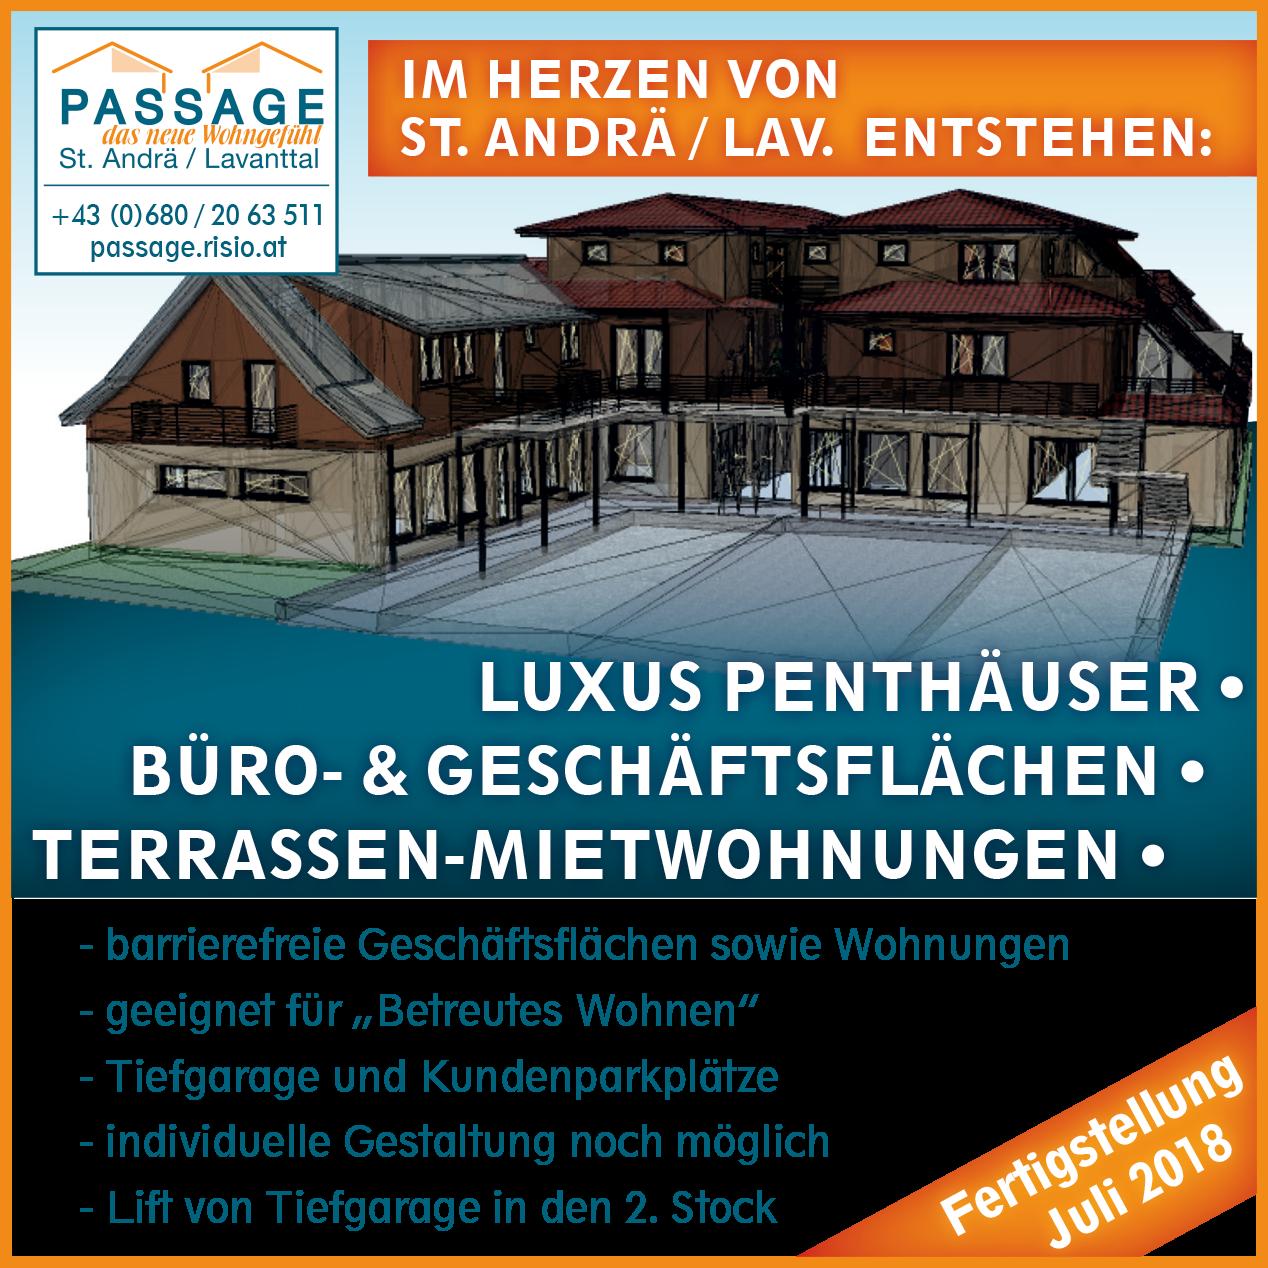 Passage, das neue Wohngefühl in St. Andrä im Lavanttal, Mietwohnung, Eigentumswohnung, Penthouse